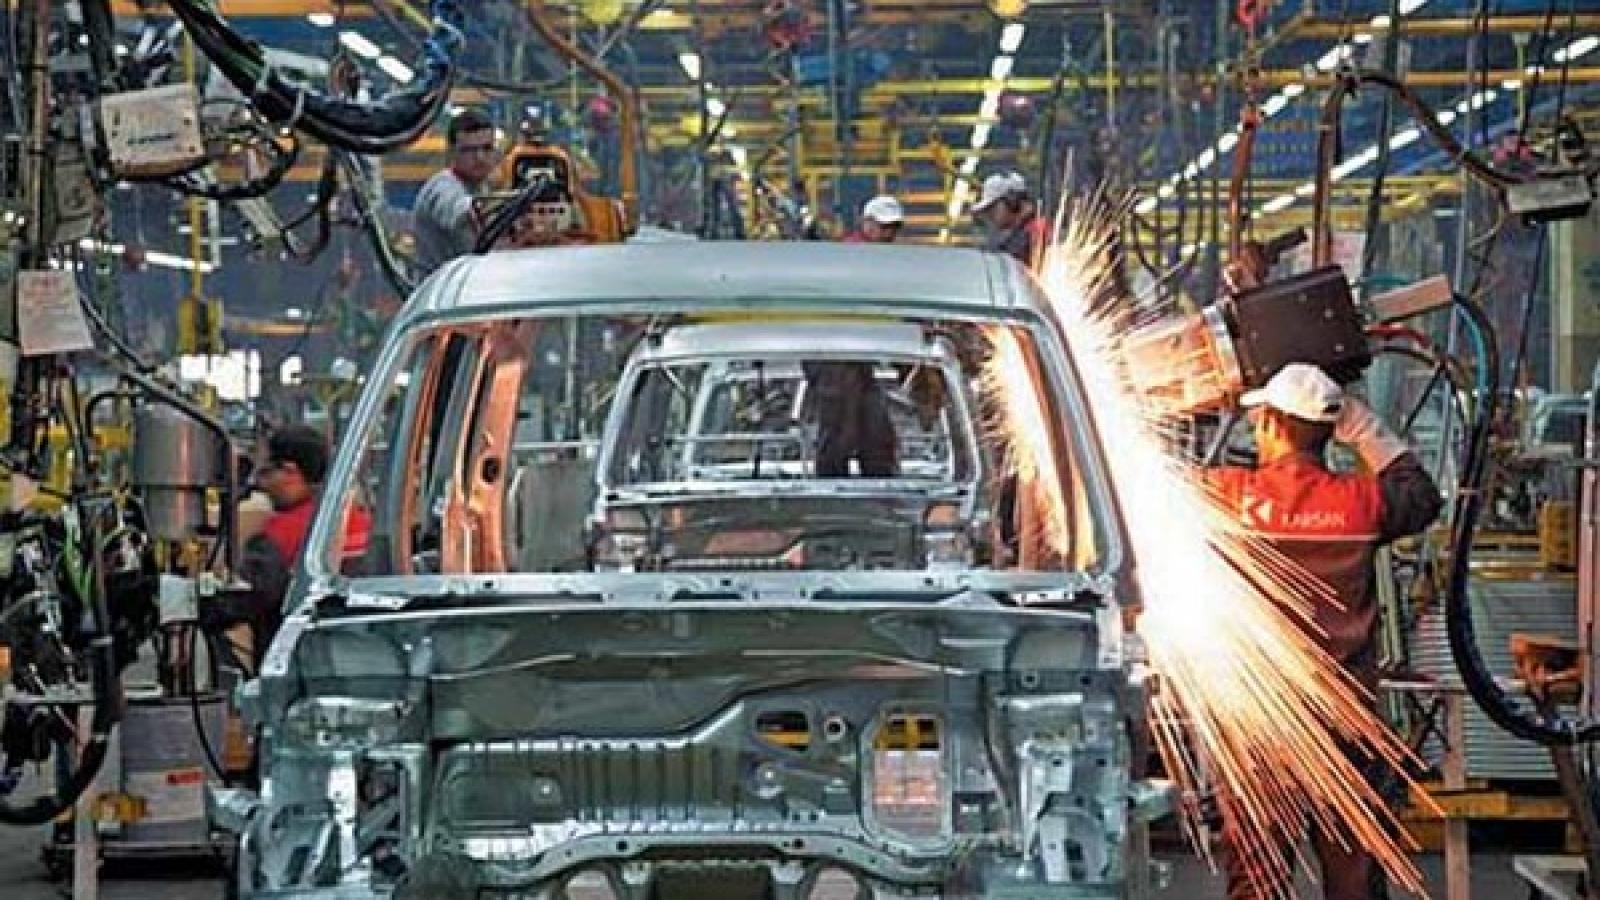 ازسرگیری همکاری با خودروسازان بزرگ خارجی - اجاره خودرو طباطبایی